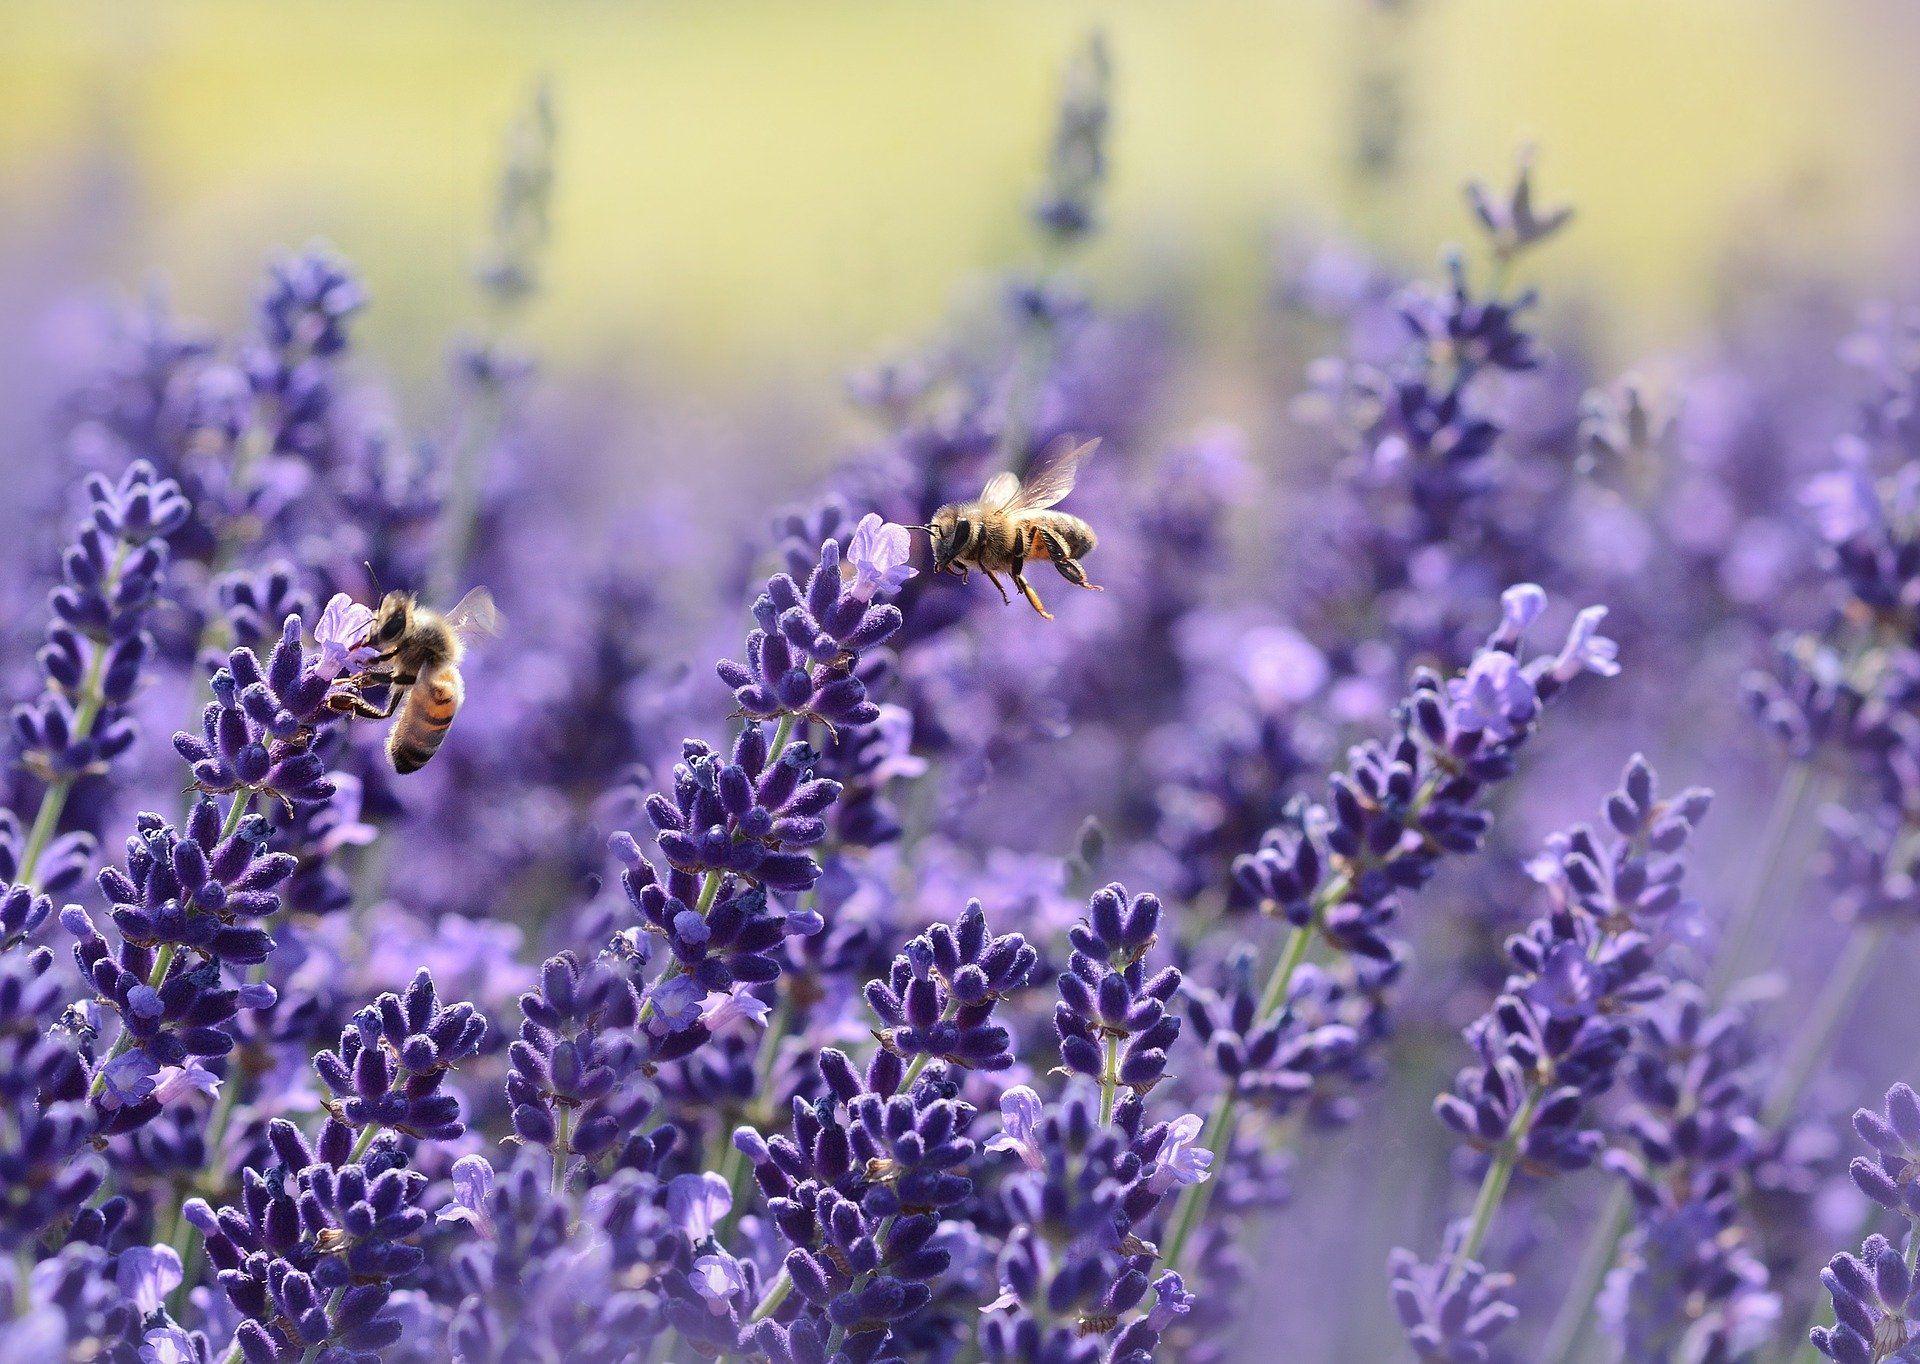 Красивые фото медоносных пчел